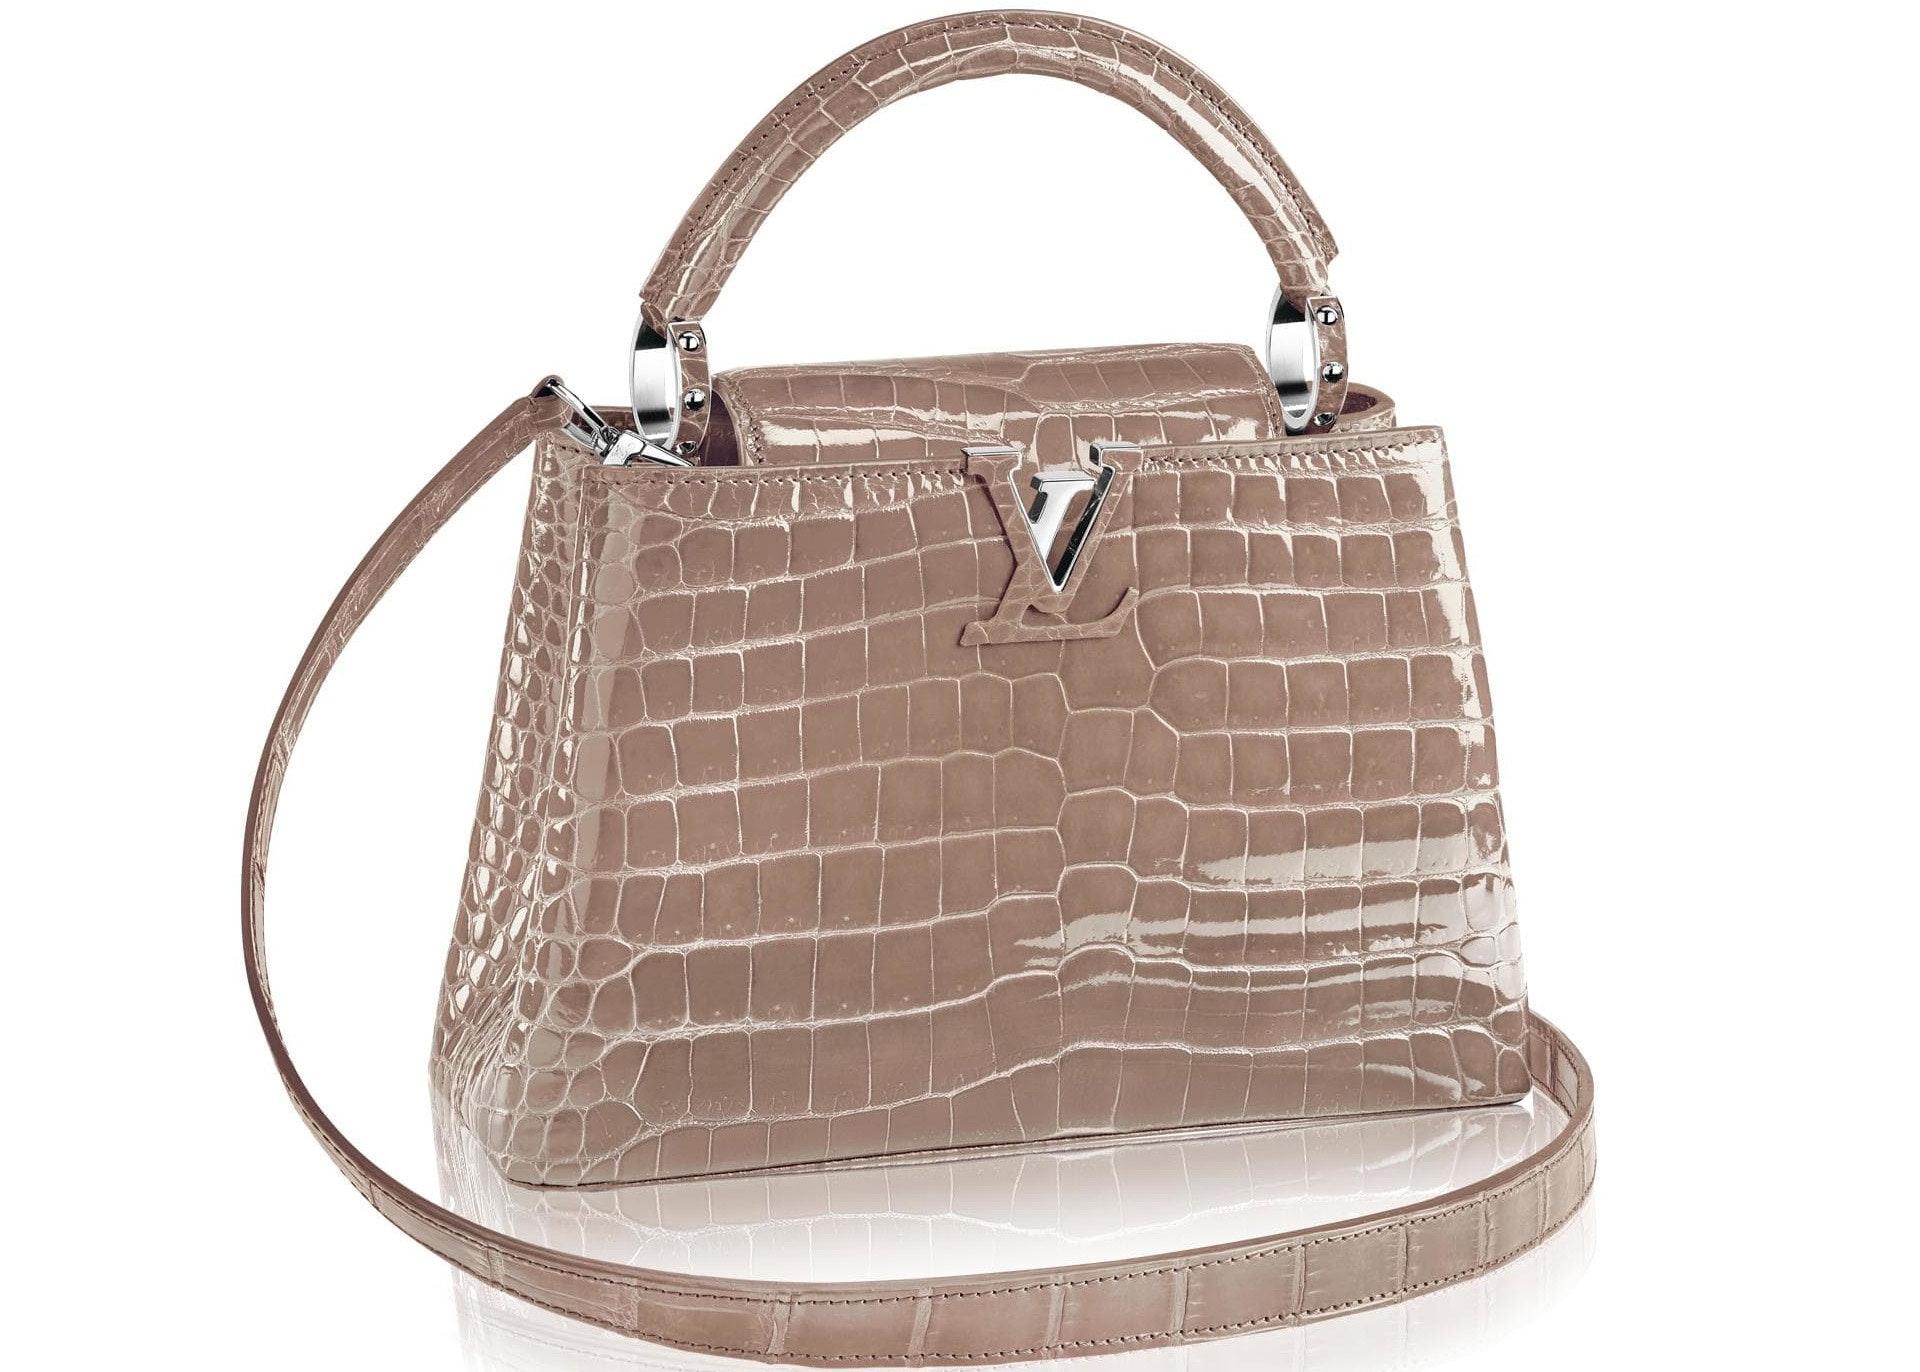 Louis Vuitton Capucines Crocodile Brillant Silver-tone PM Taupe